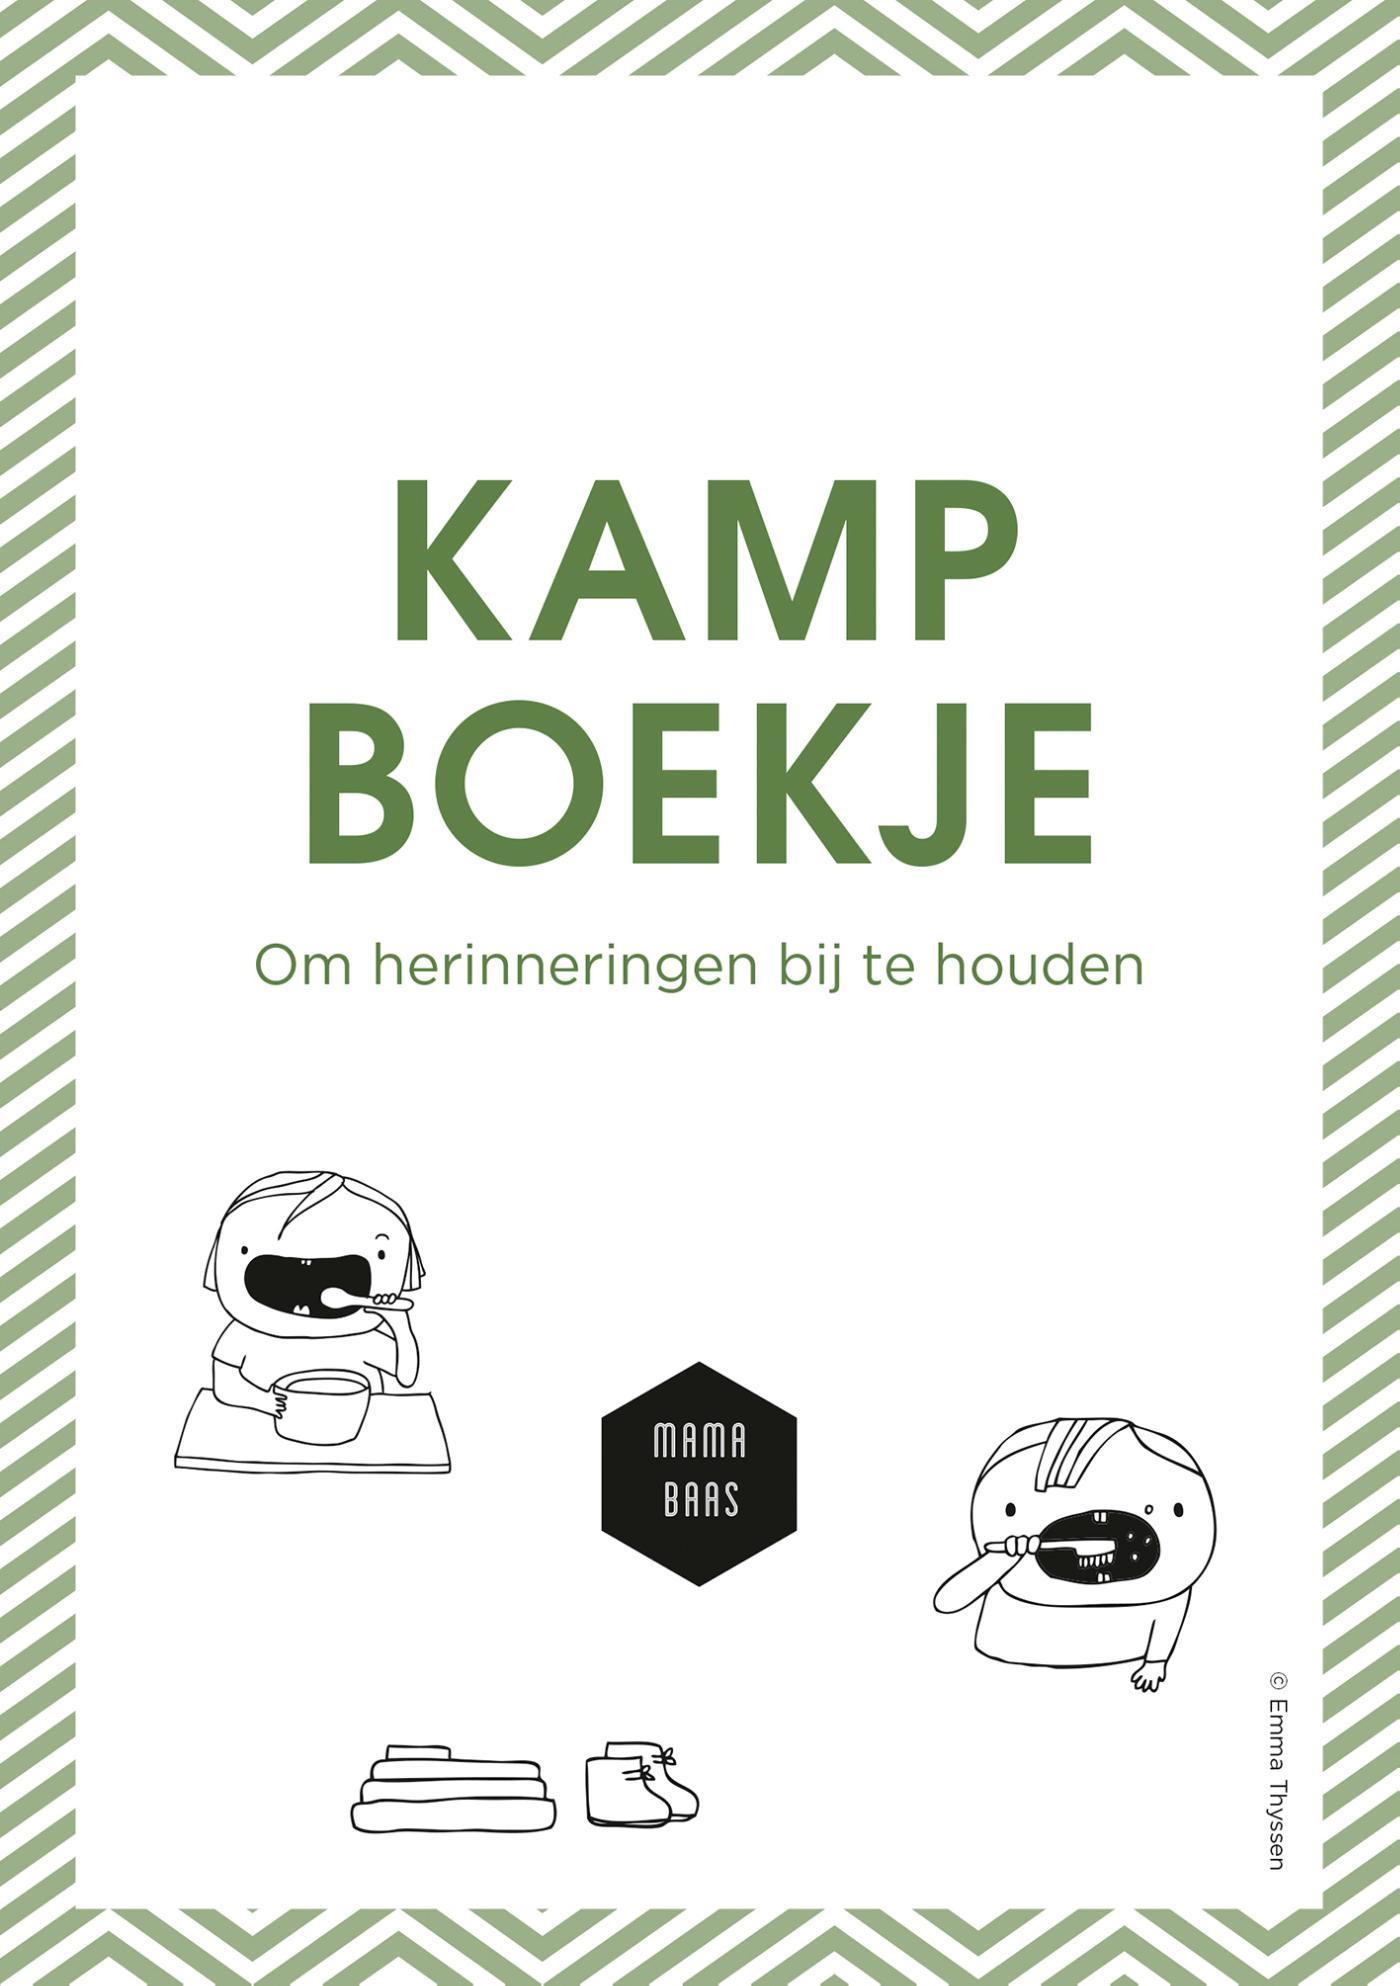 Kampboekje